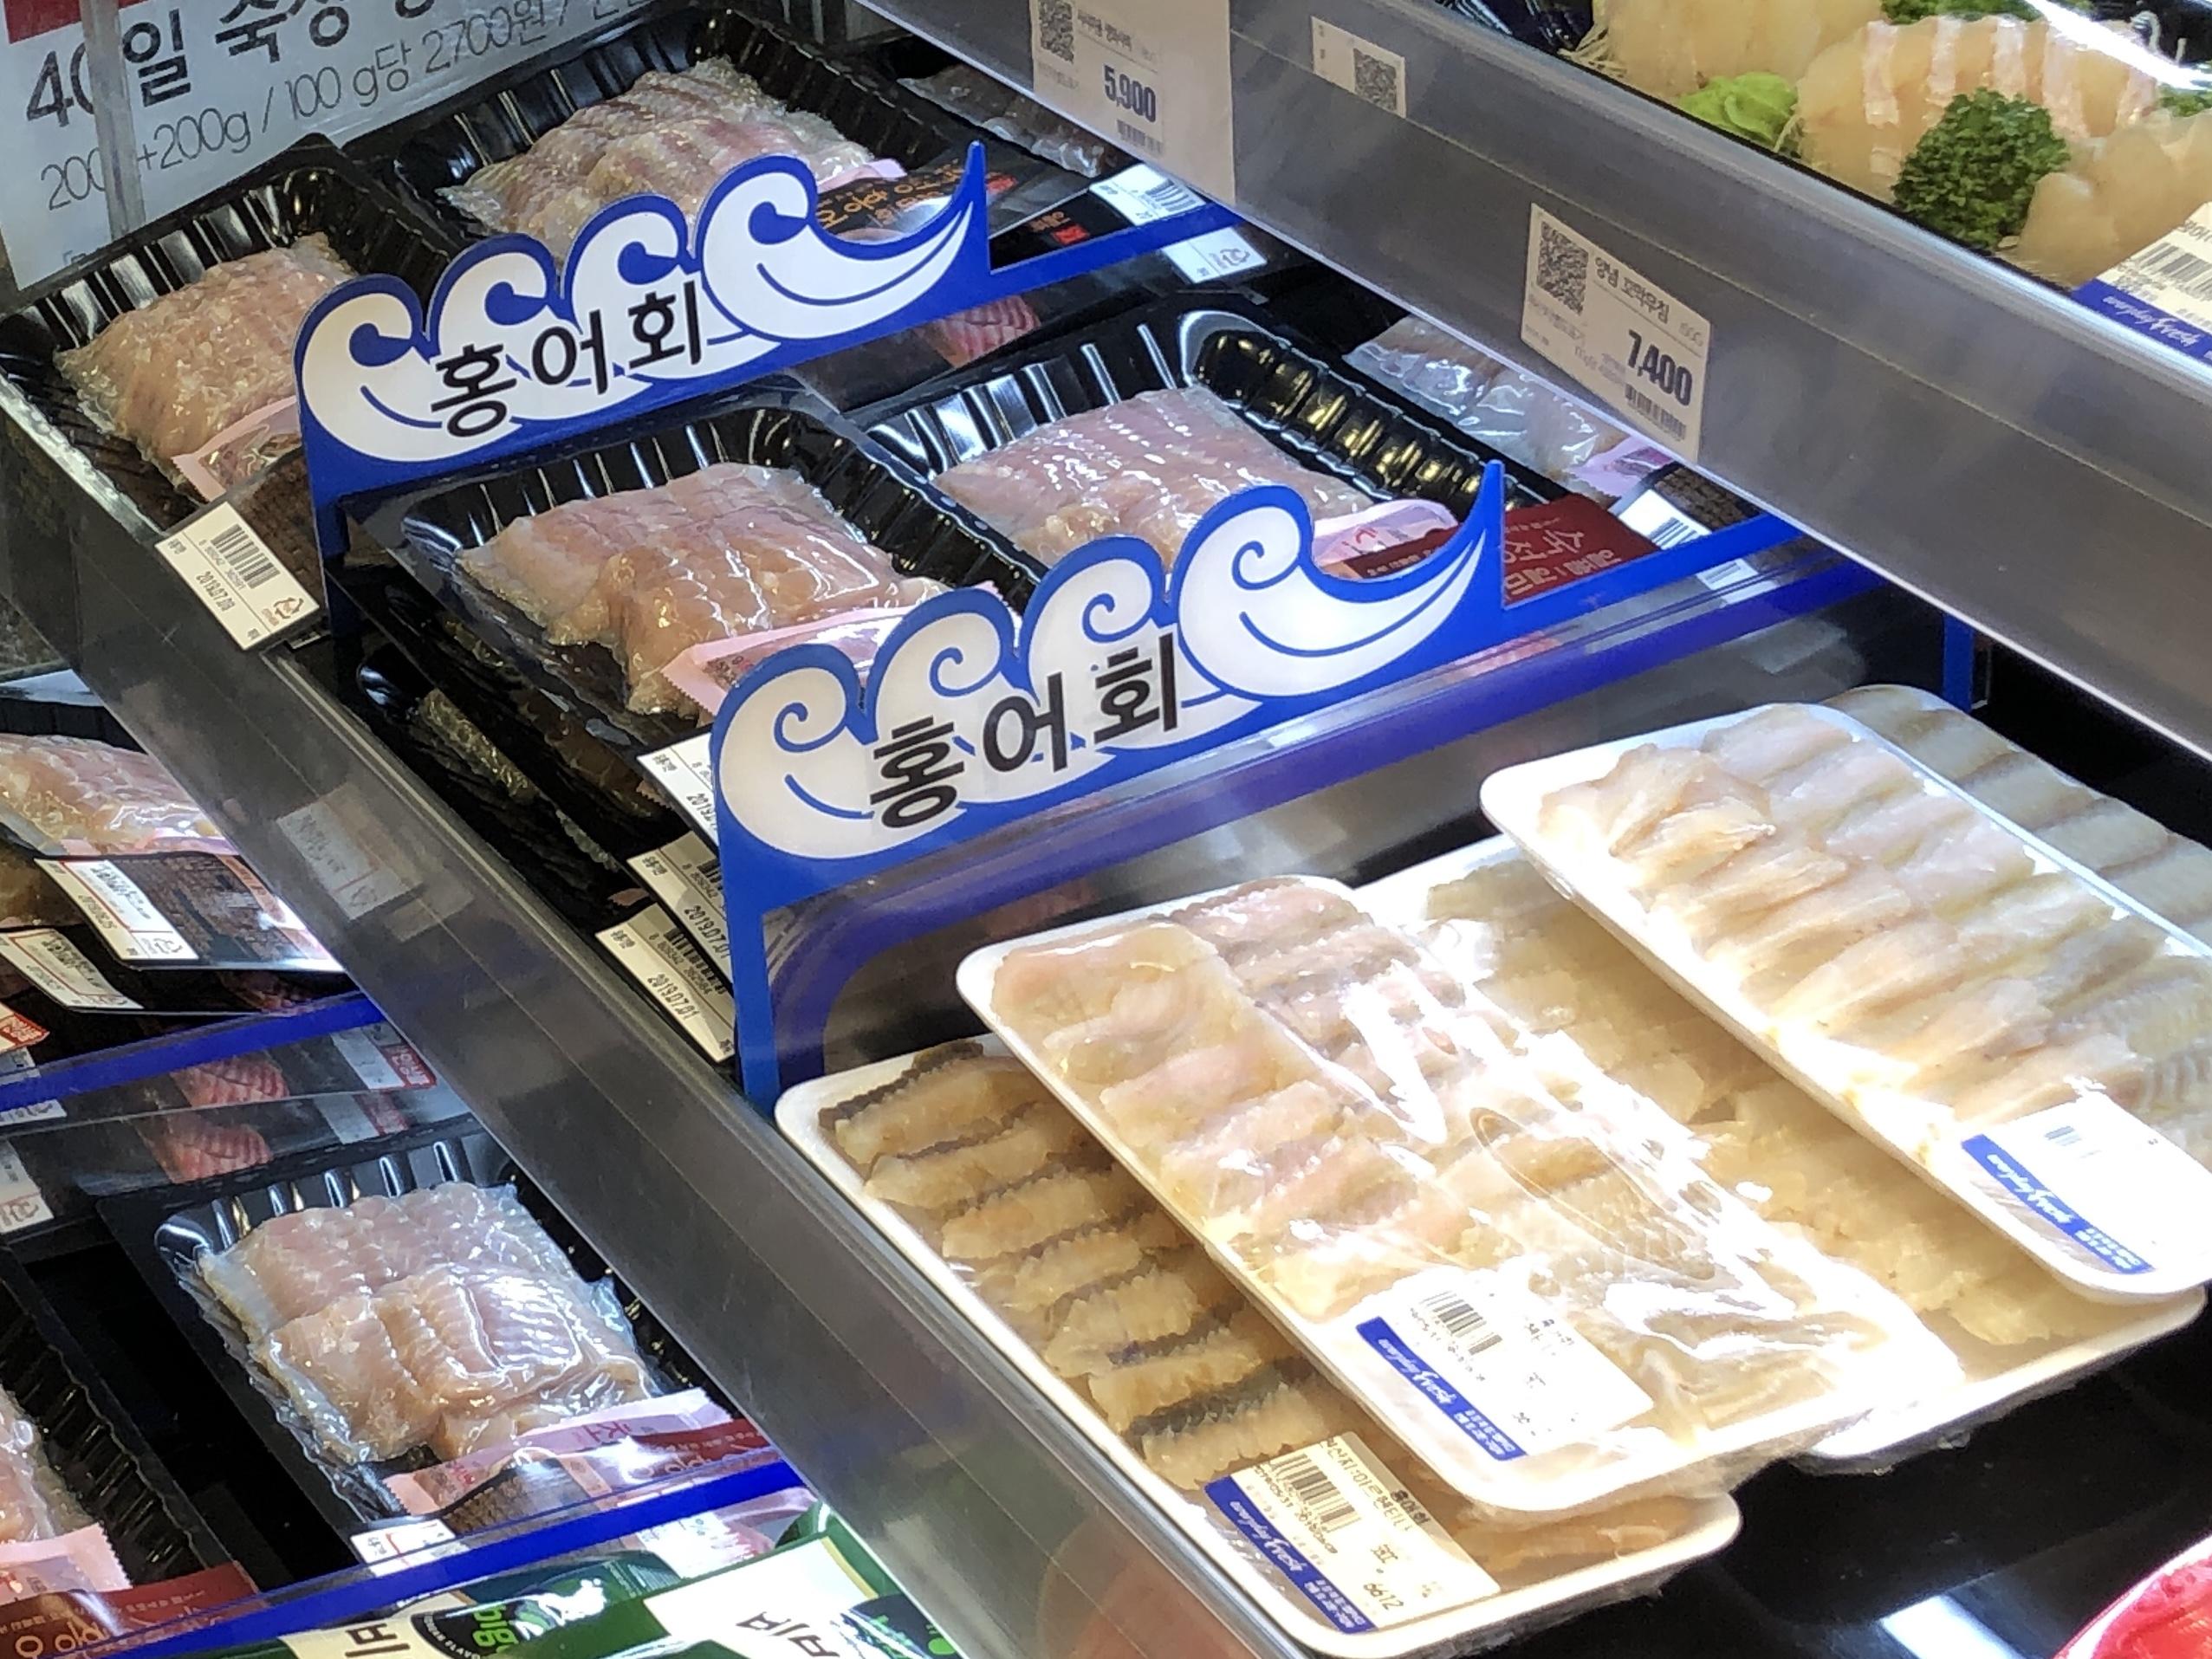 5일 롯데마트 서울역점의 수산물 판매대. 이들이 판매하고 있는 홍어회 중 절반은 흰색 트레이에, 또 절반은 검은 트레이에 담겨 있었다.